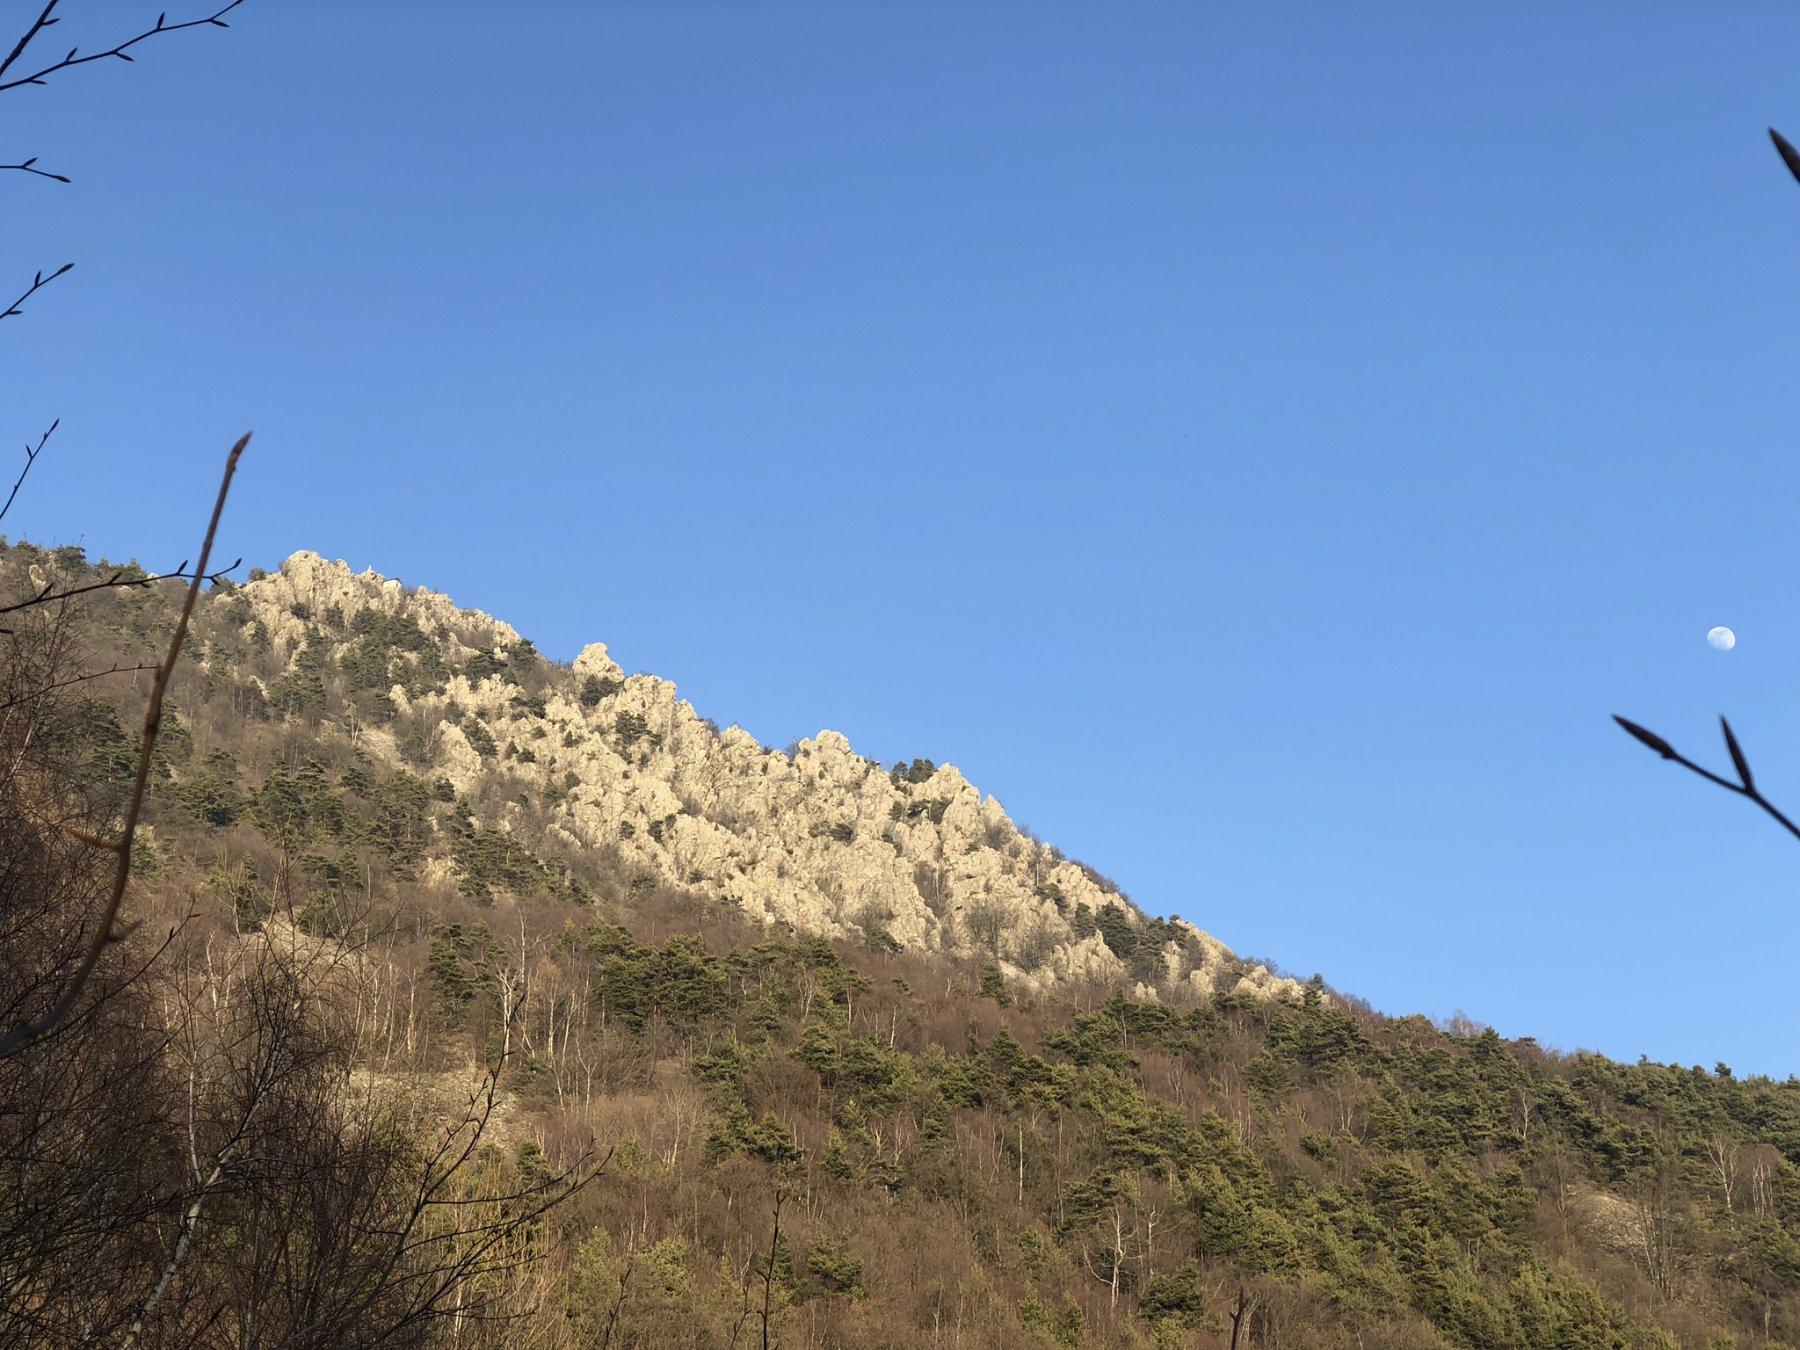 La cresta vista dalla mulattiera